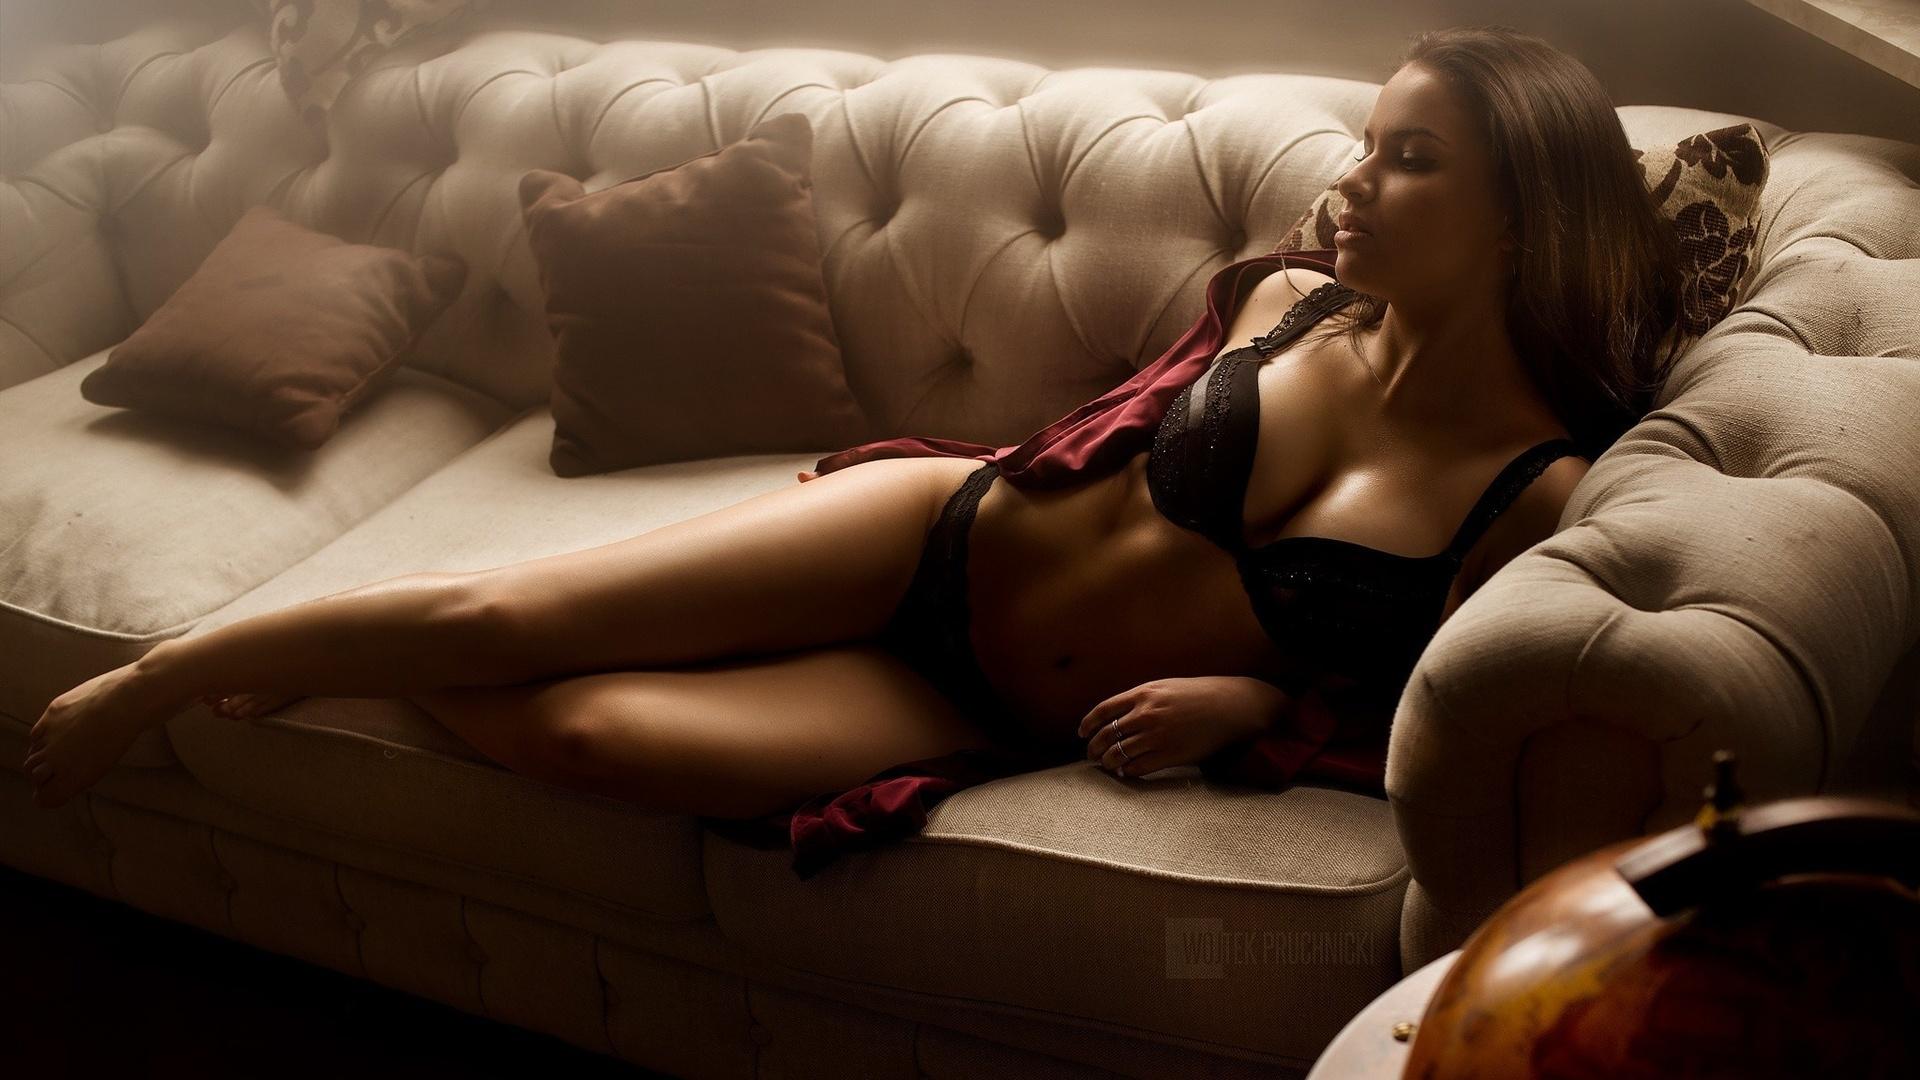 есть, девушка лежит на диване искали